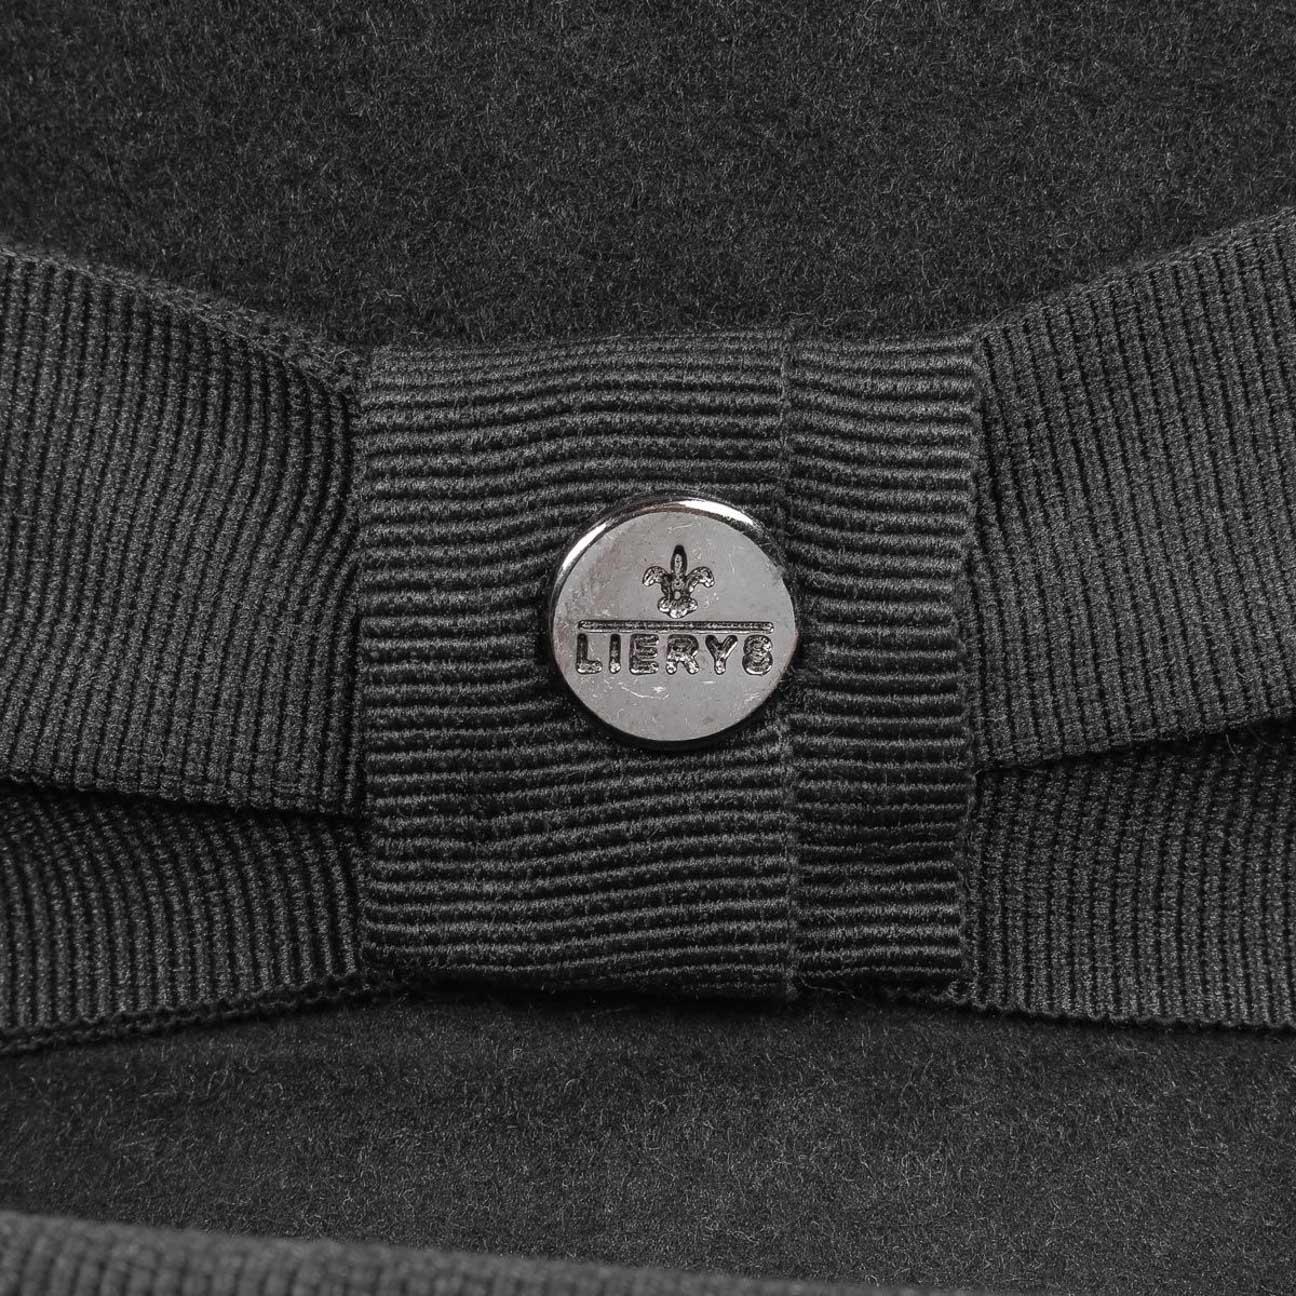 44602a9621d655 ... Wool Felt Bowler Hat Uni by Lierys - black 4 ...